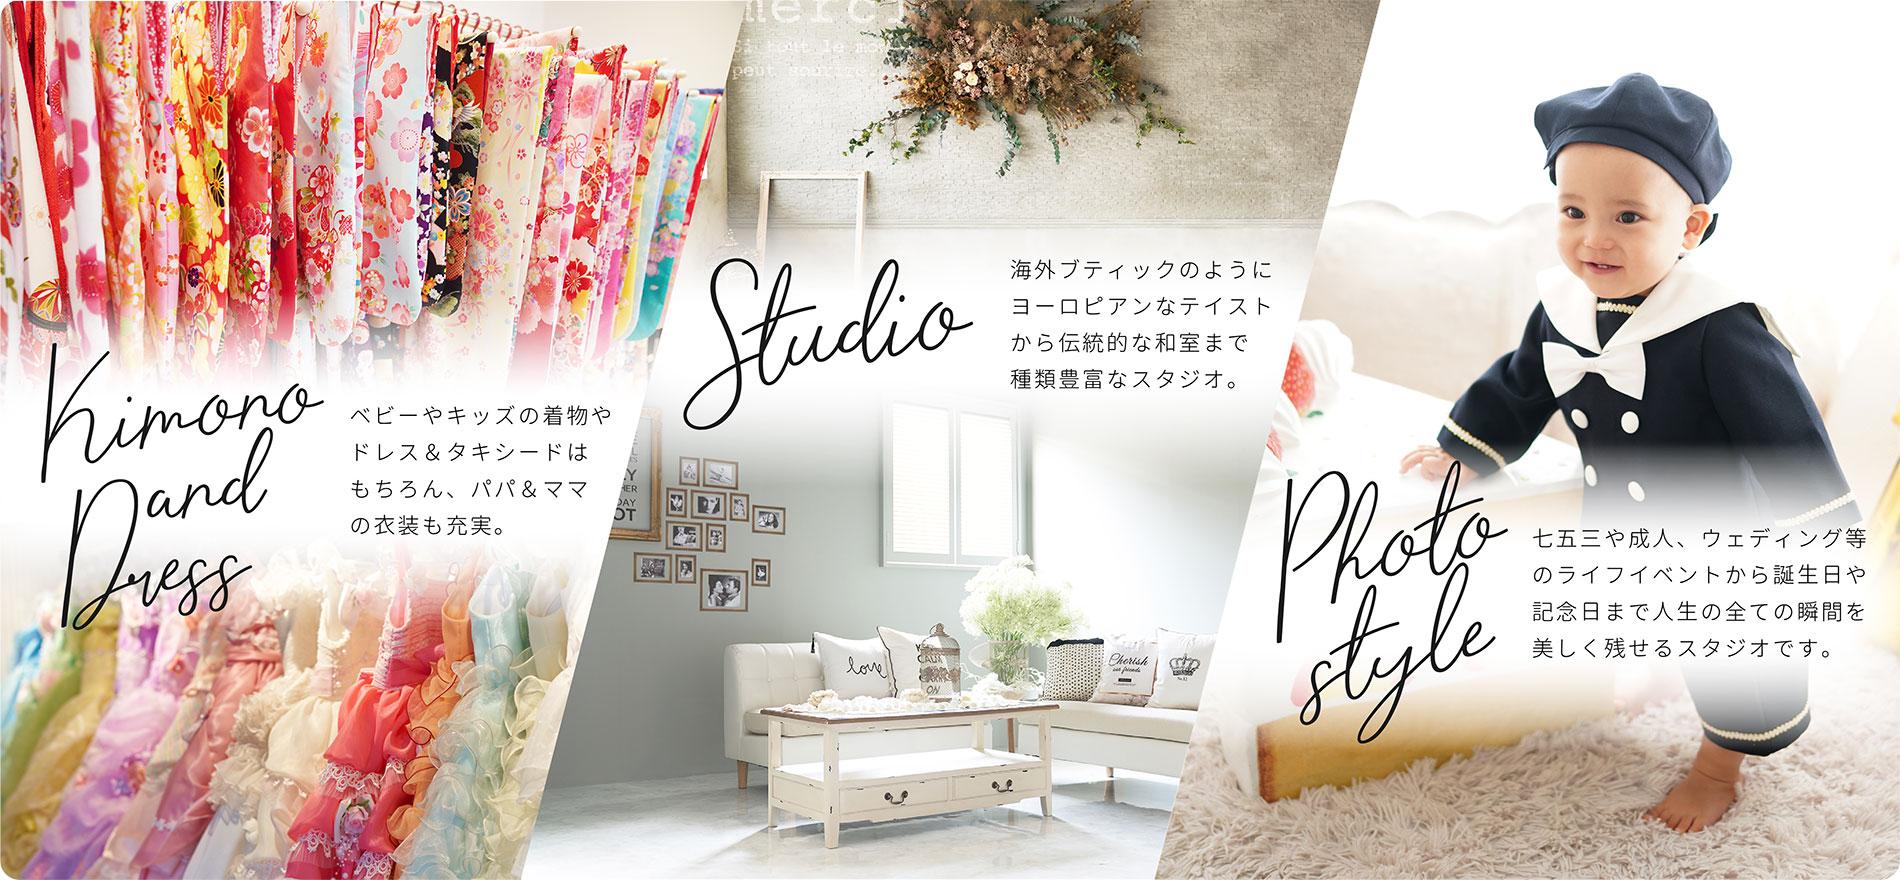 Photo Studio PARCってどんなとこ?